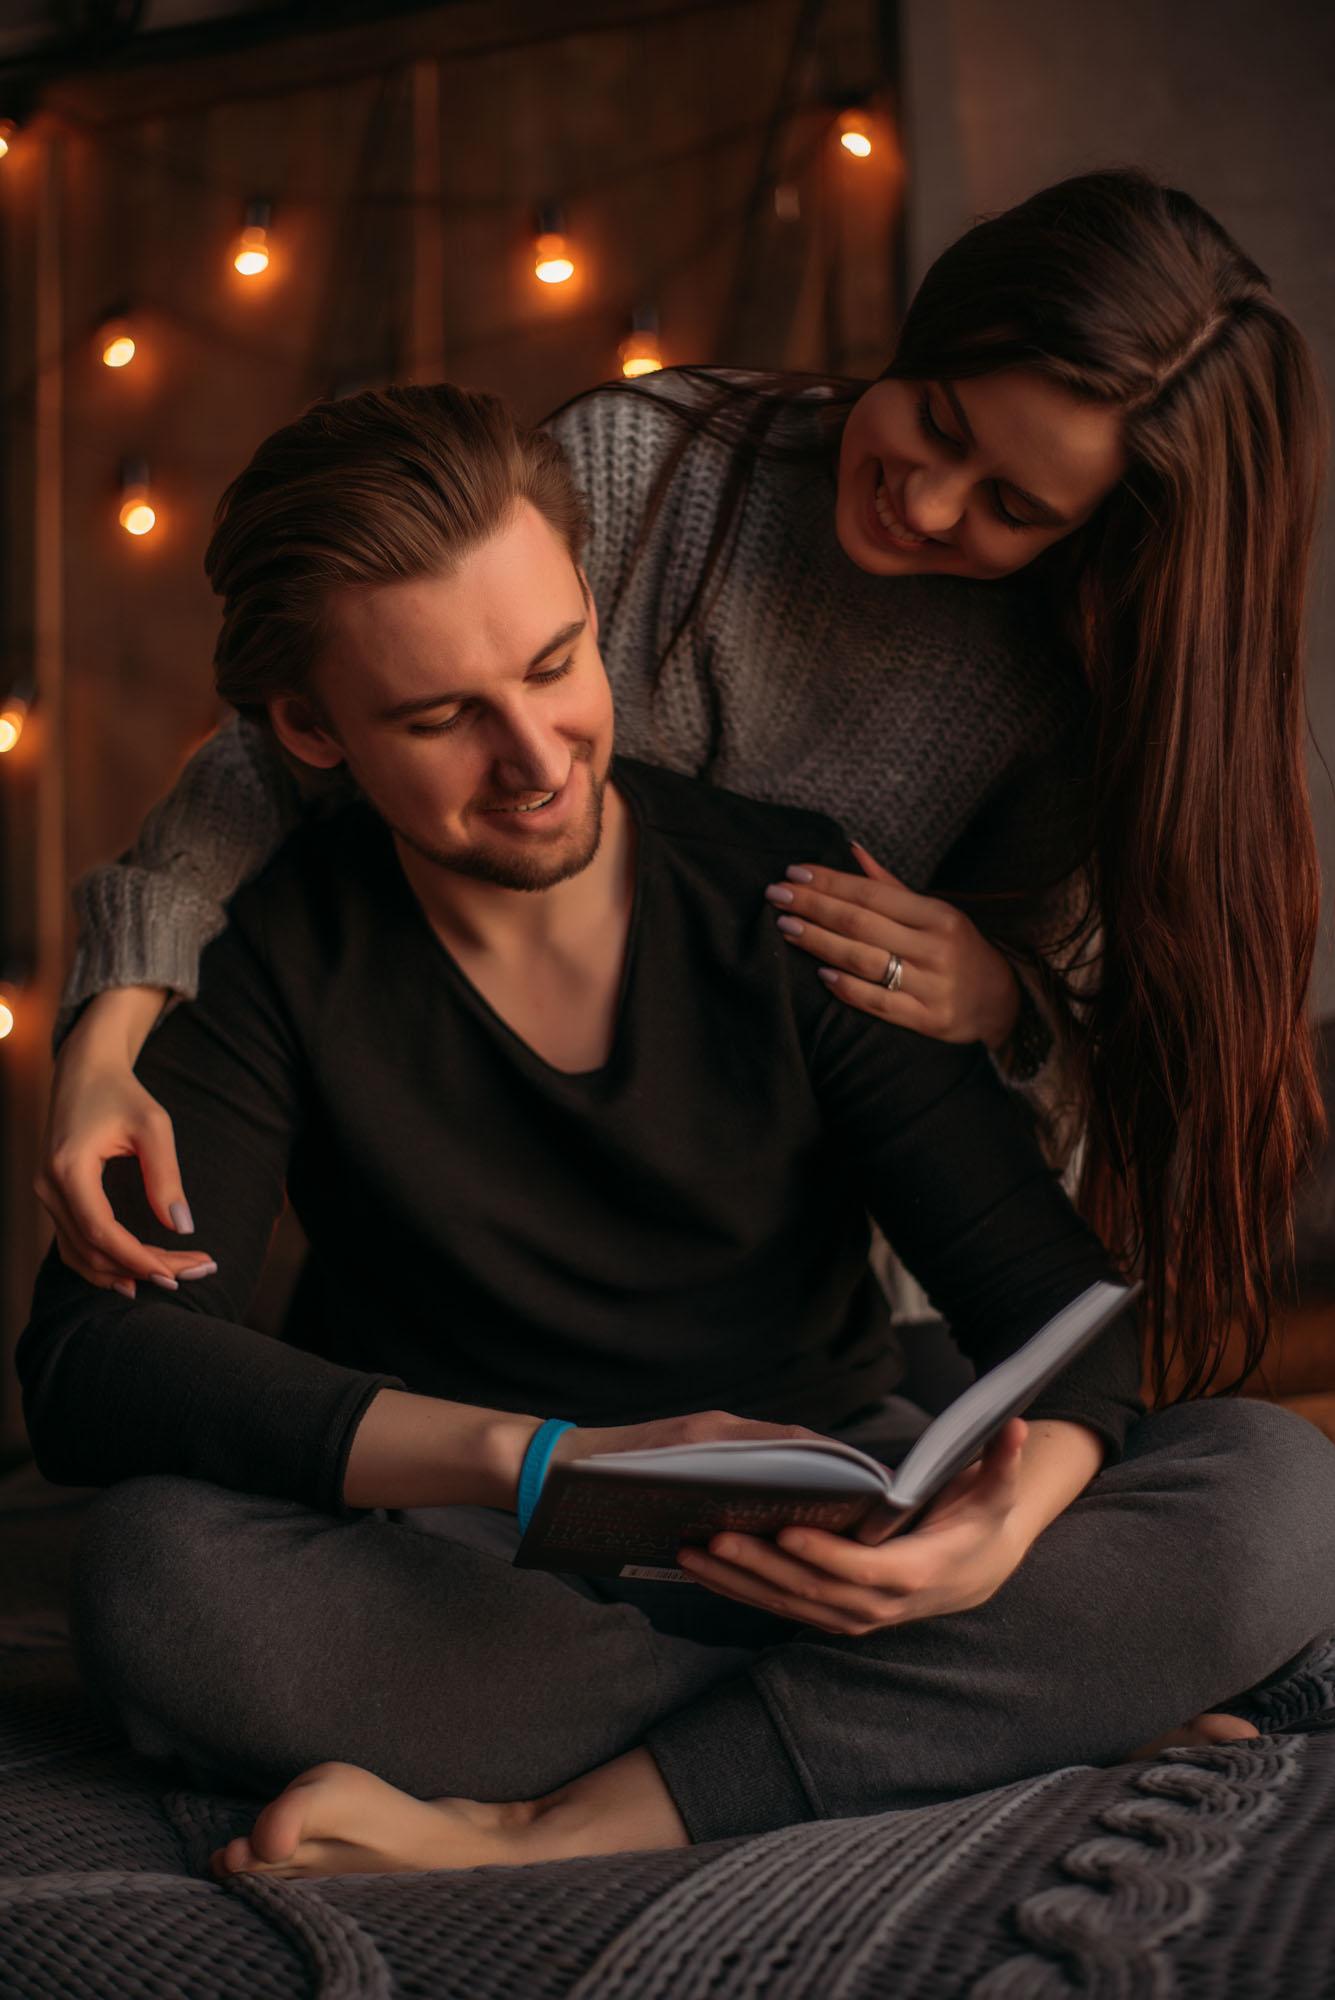 Фотосессия Love Story в студии, девушка и парень читают книгу на кровати